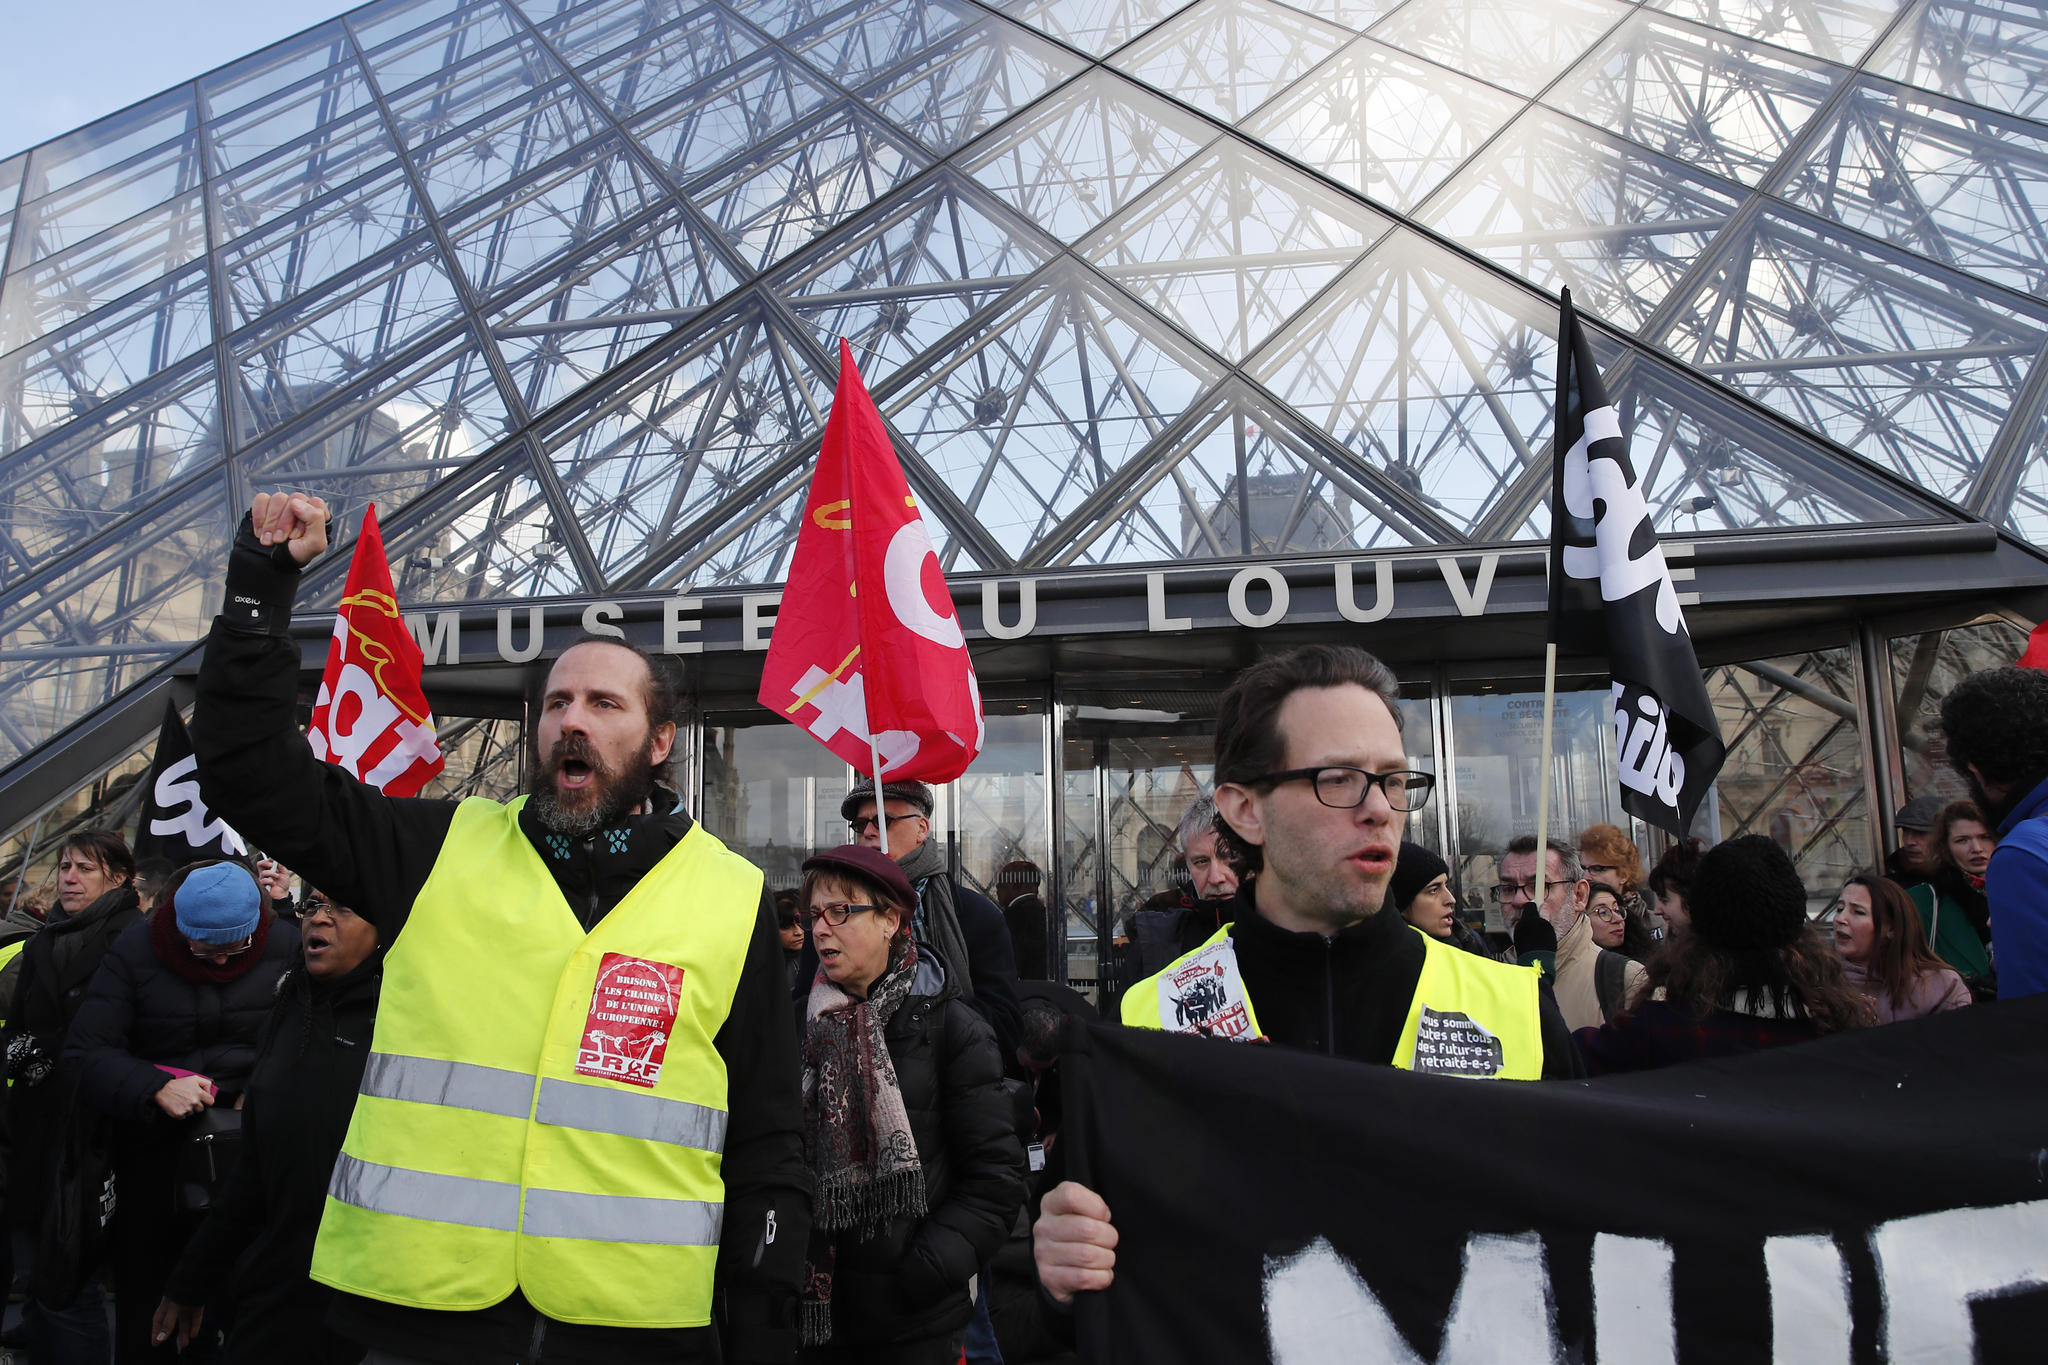 프랑스 정부 연금 개편에 반대하는 시위대가 17일(현지시간) 파리 루브르 박물관 입구에서 시위를 벌이고 있다. [AP=연합뉴스]